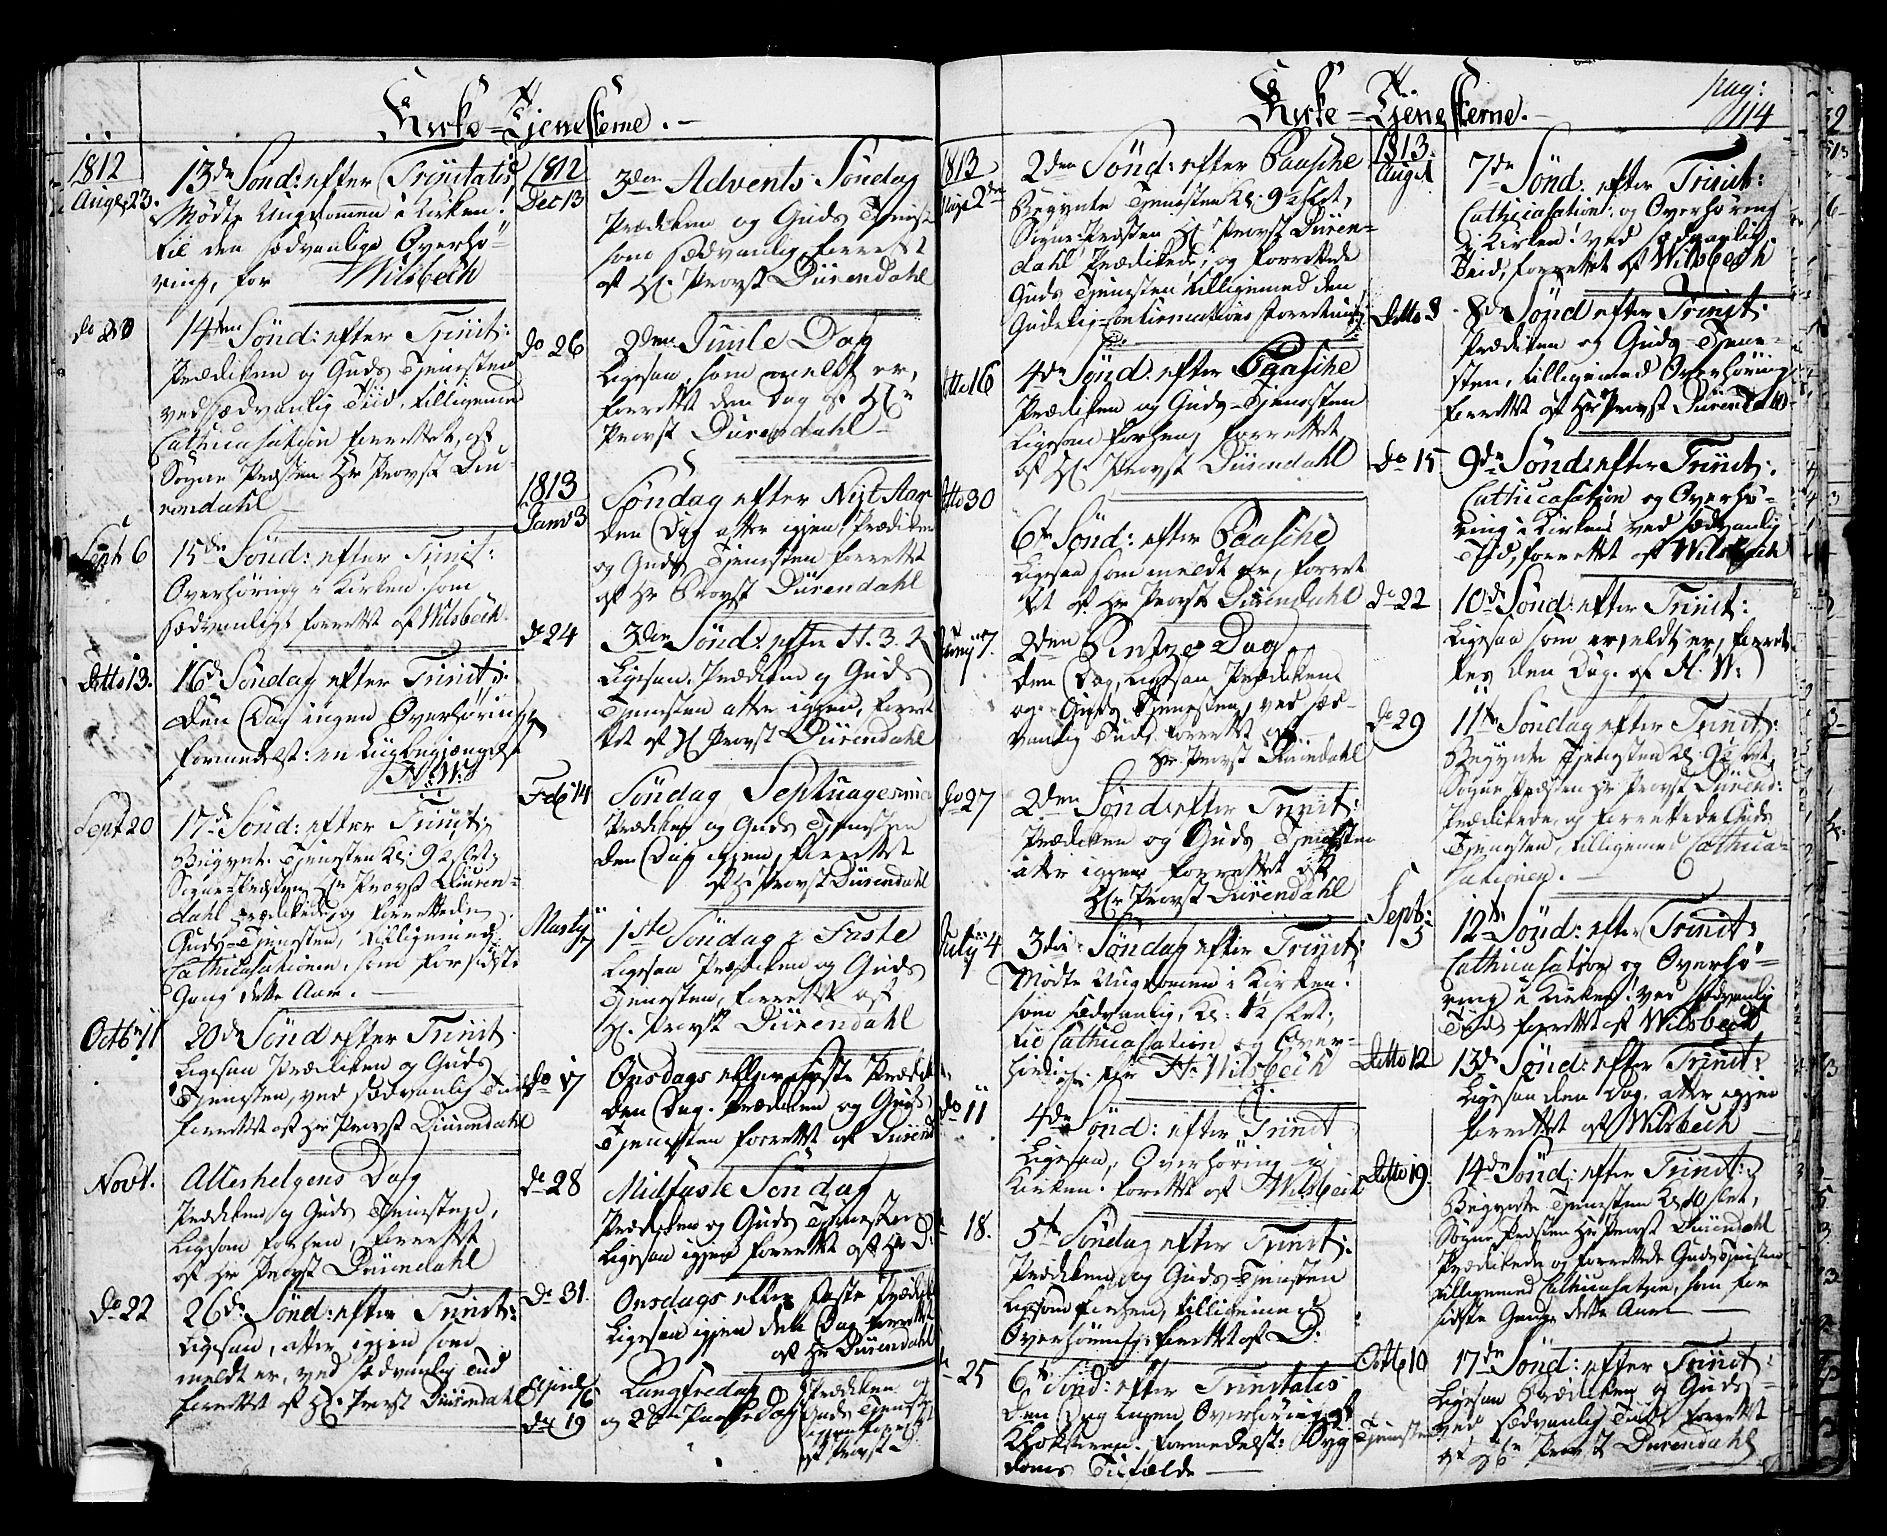 SAKO, Langesund kirkebøker, G/Ga/L0002: Klokkerbok nr. 2, 1801-1815, s. 114